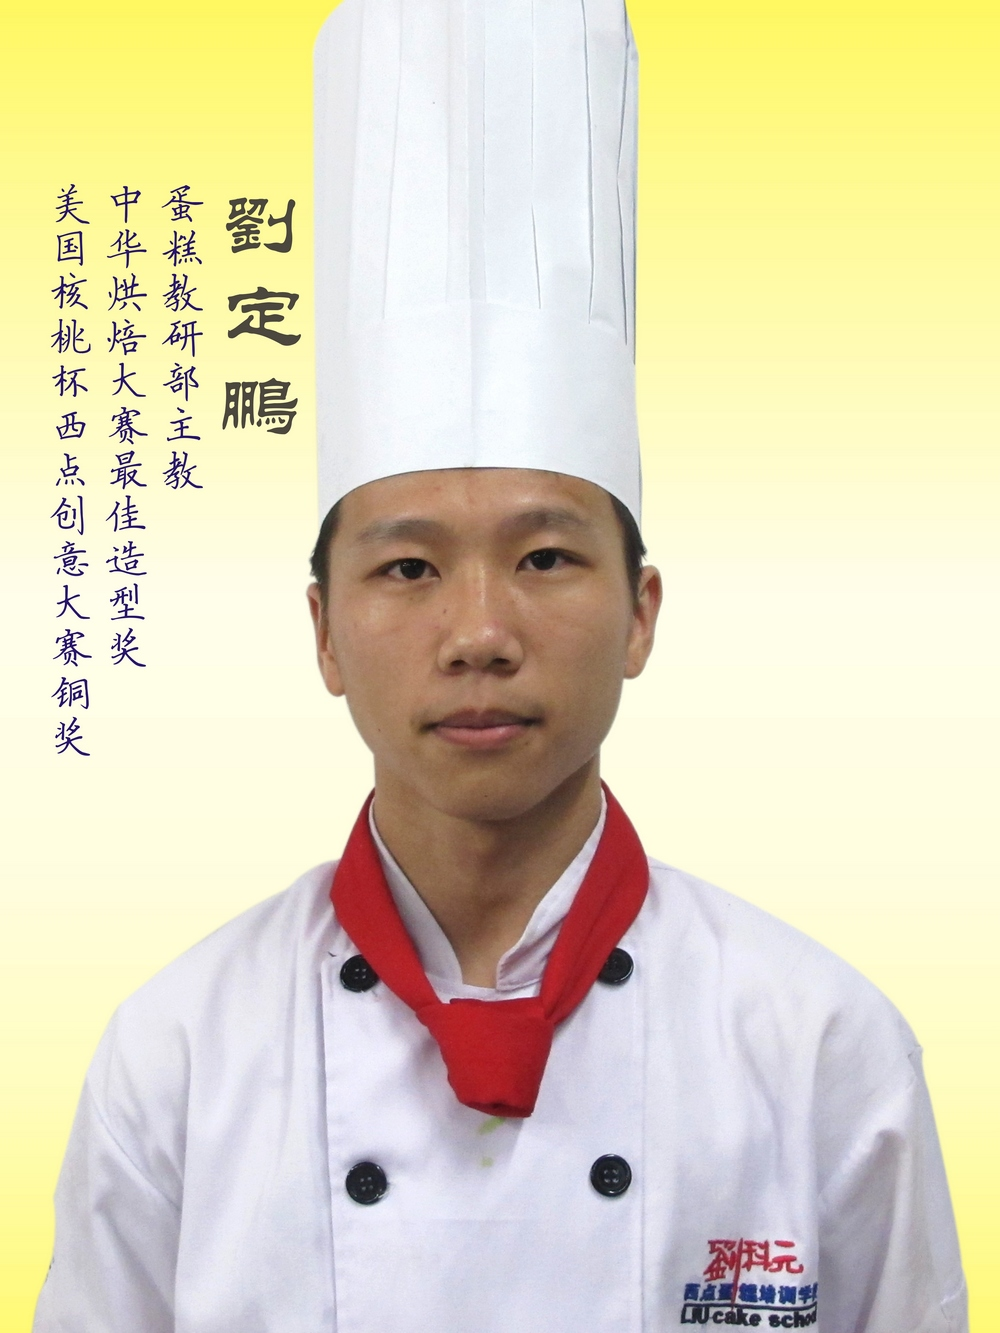 刘科元西点蛋糕烘焙培训学校蛋糕教研部刘定鹏老师